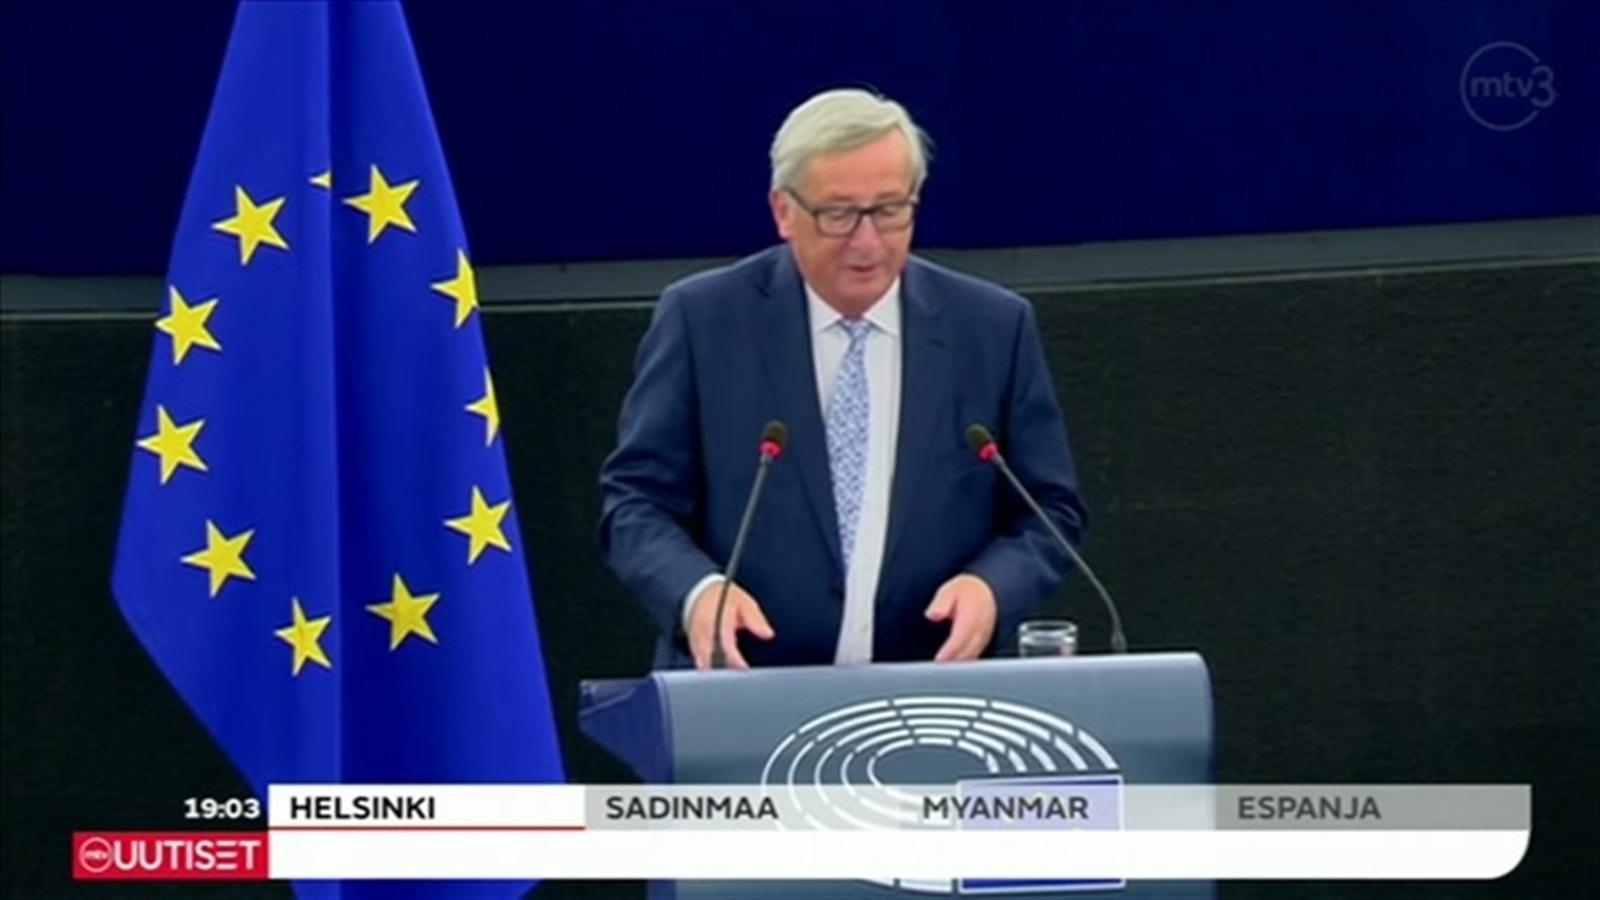 Ministeri Orpo: Olisi luonnollista, että kaikki EU-maat olisivat eurossa - MTVuutiset.fi